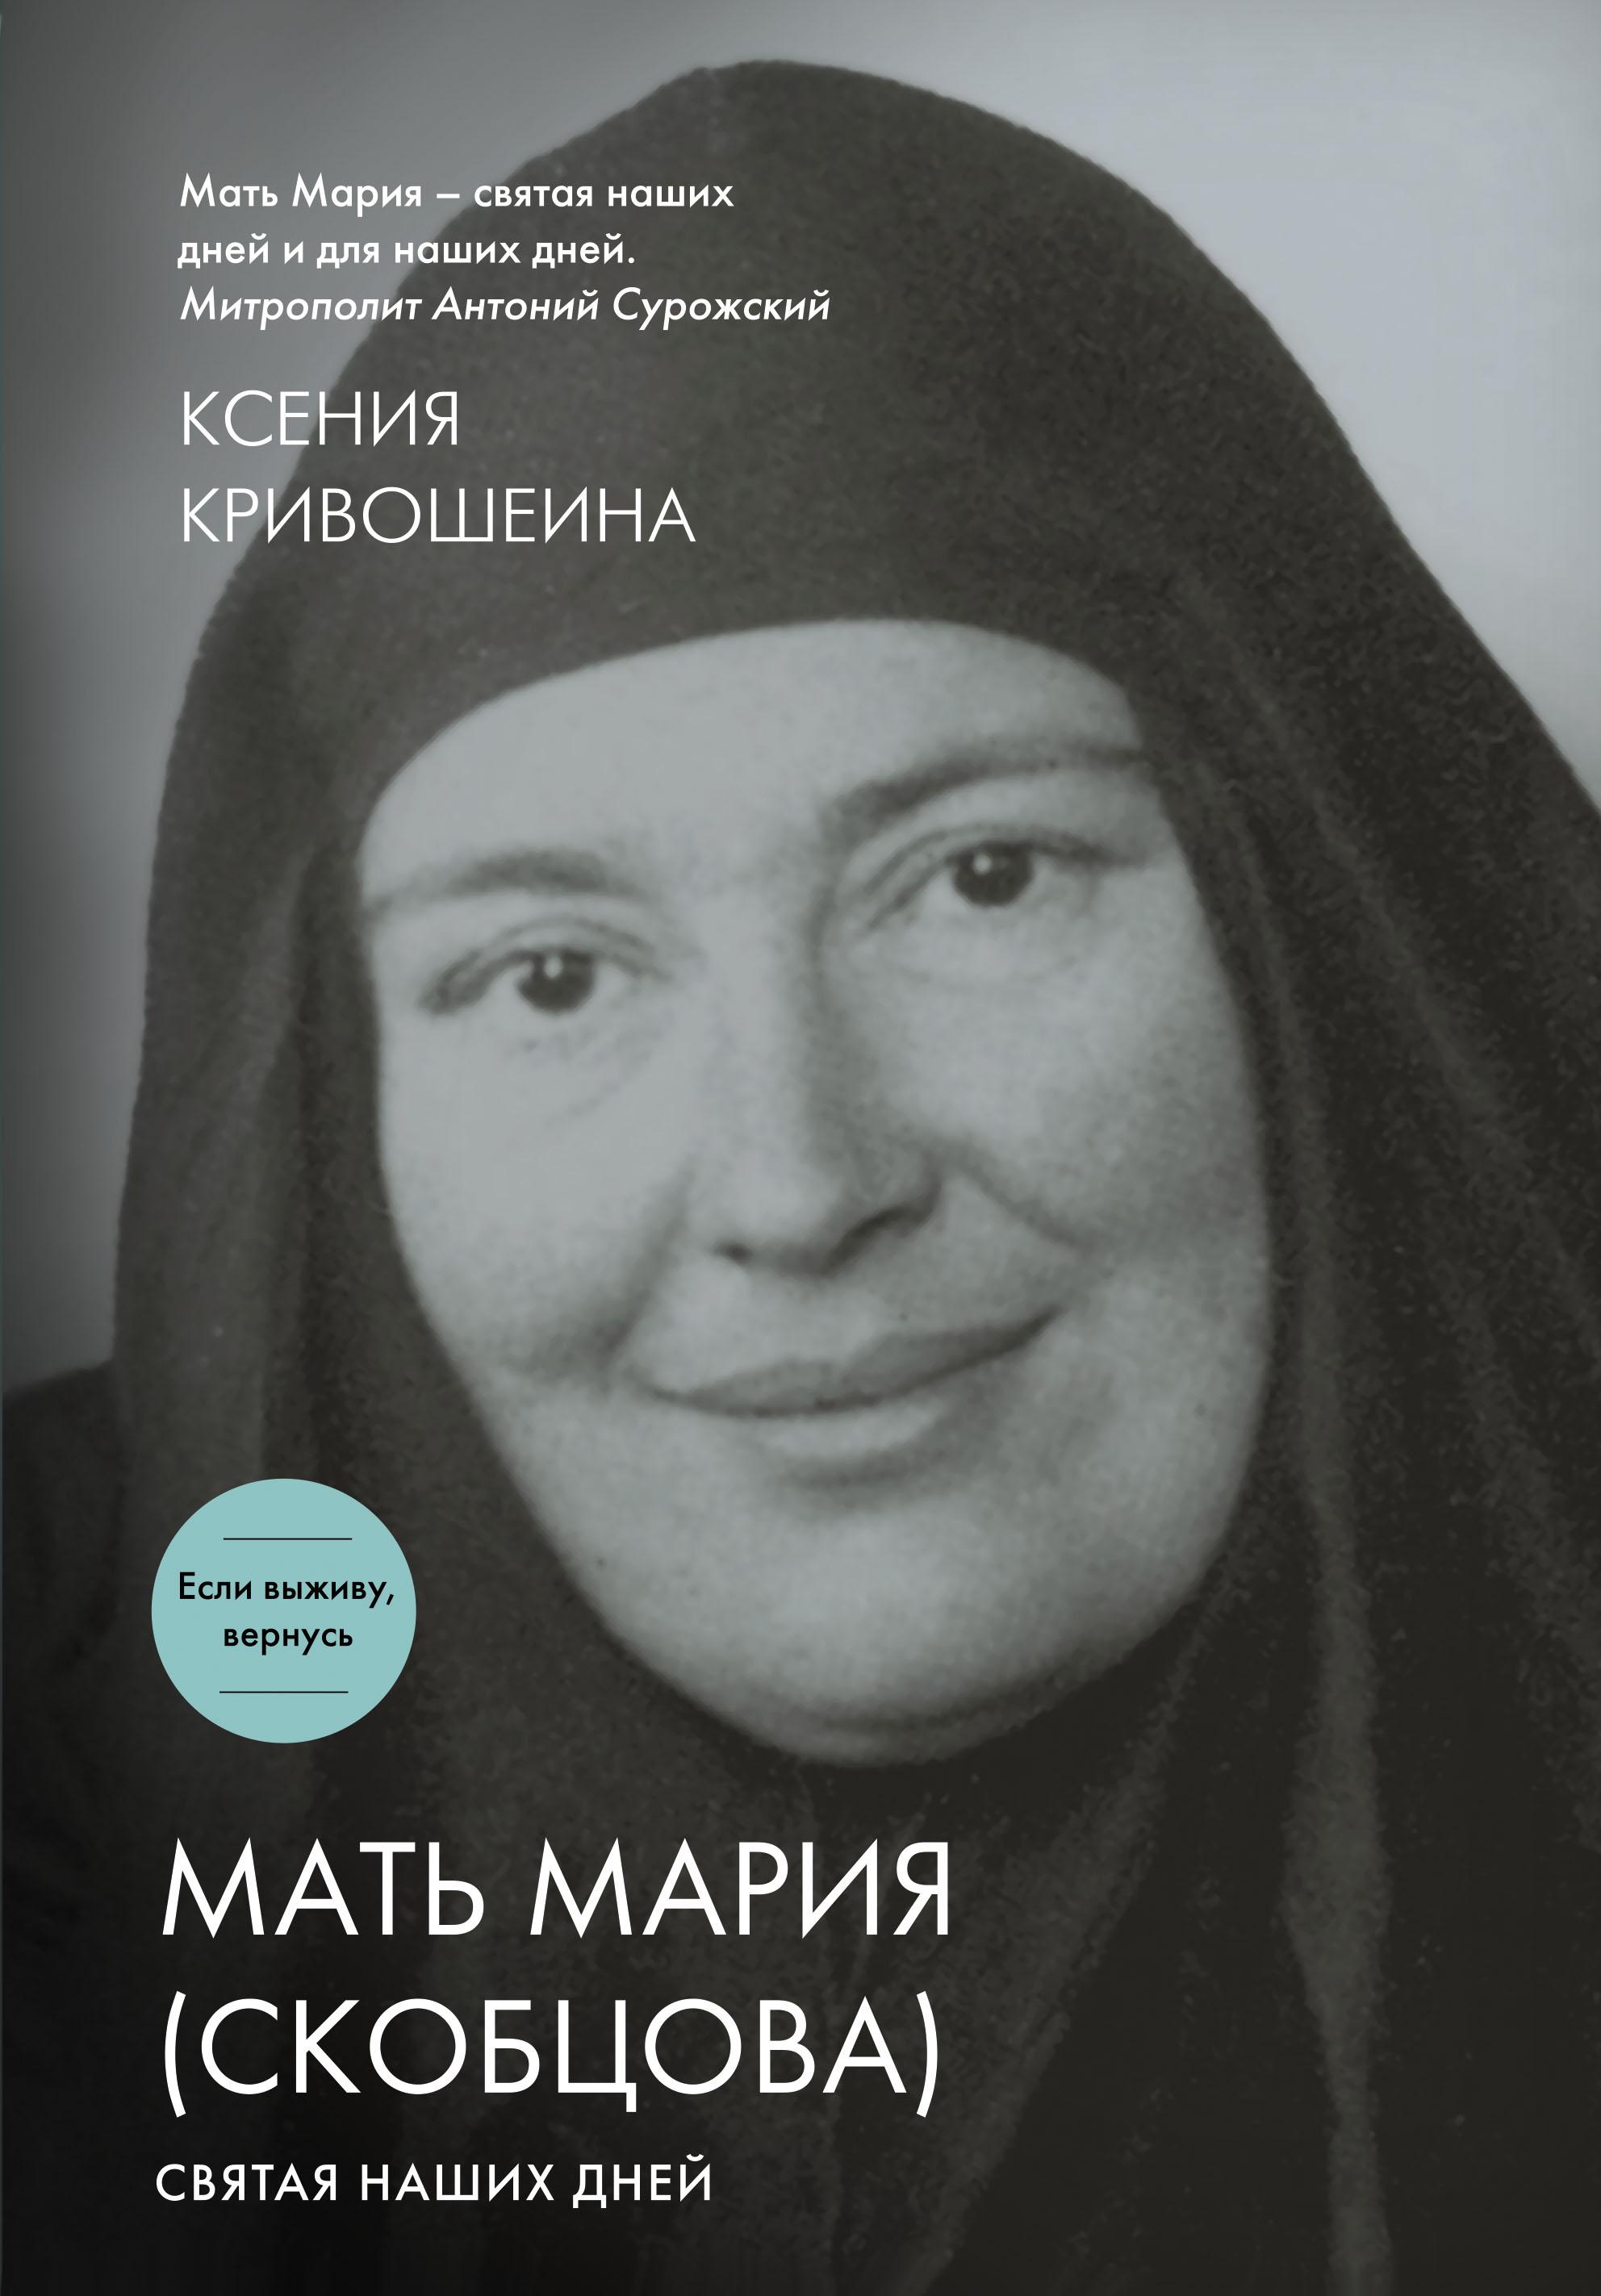 Мать Мария (Скобцова). Святая наших дней